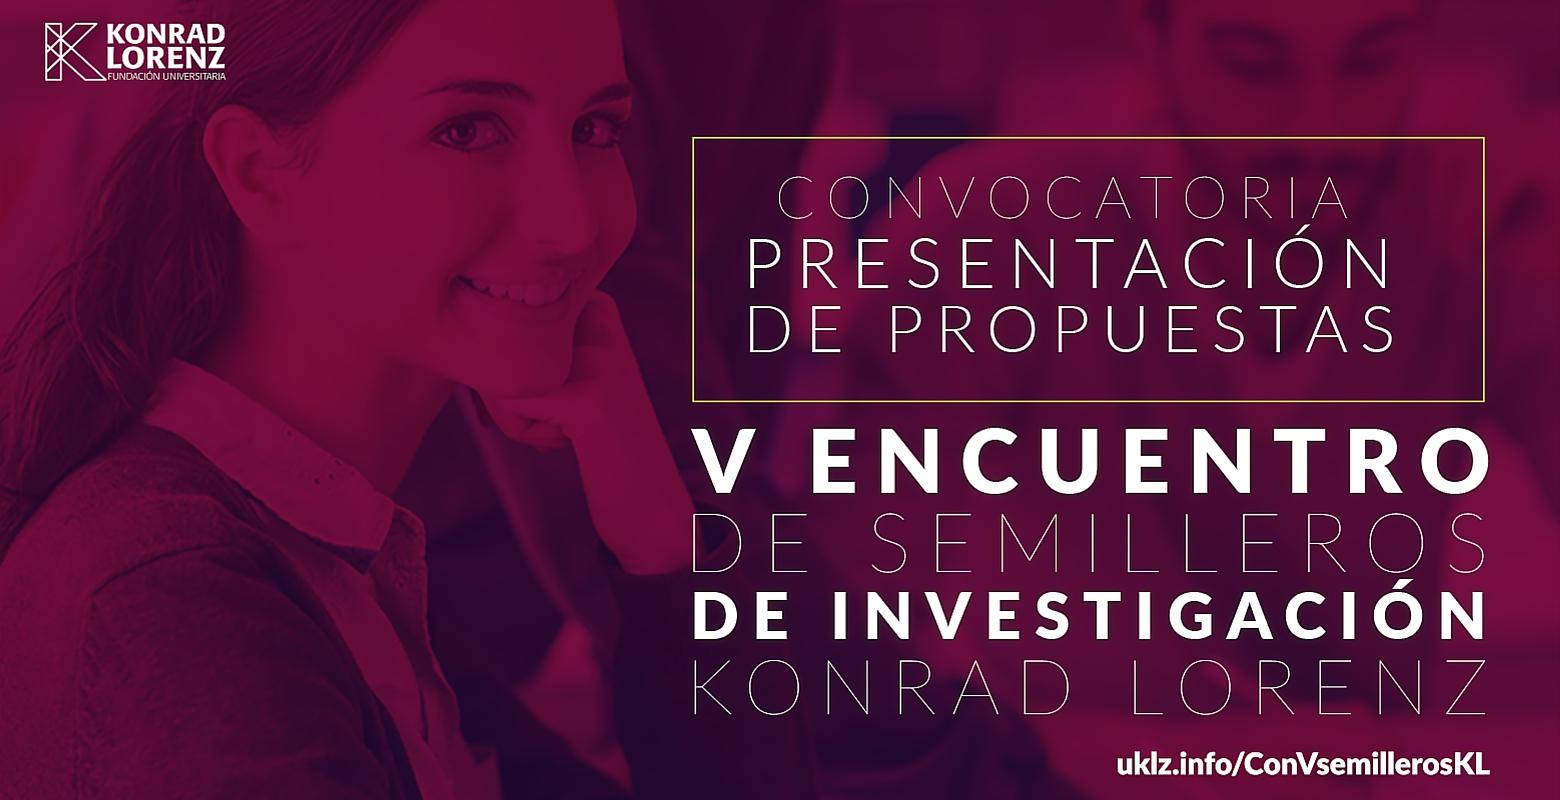 Convocatoria para presentación de propuestas V Encuentro de Semilleros de Investigación Konrad Lorenz